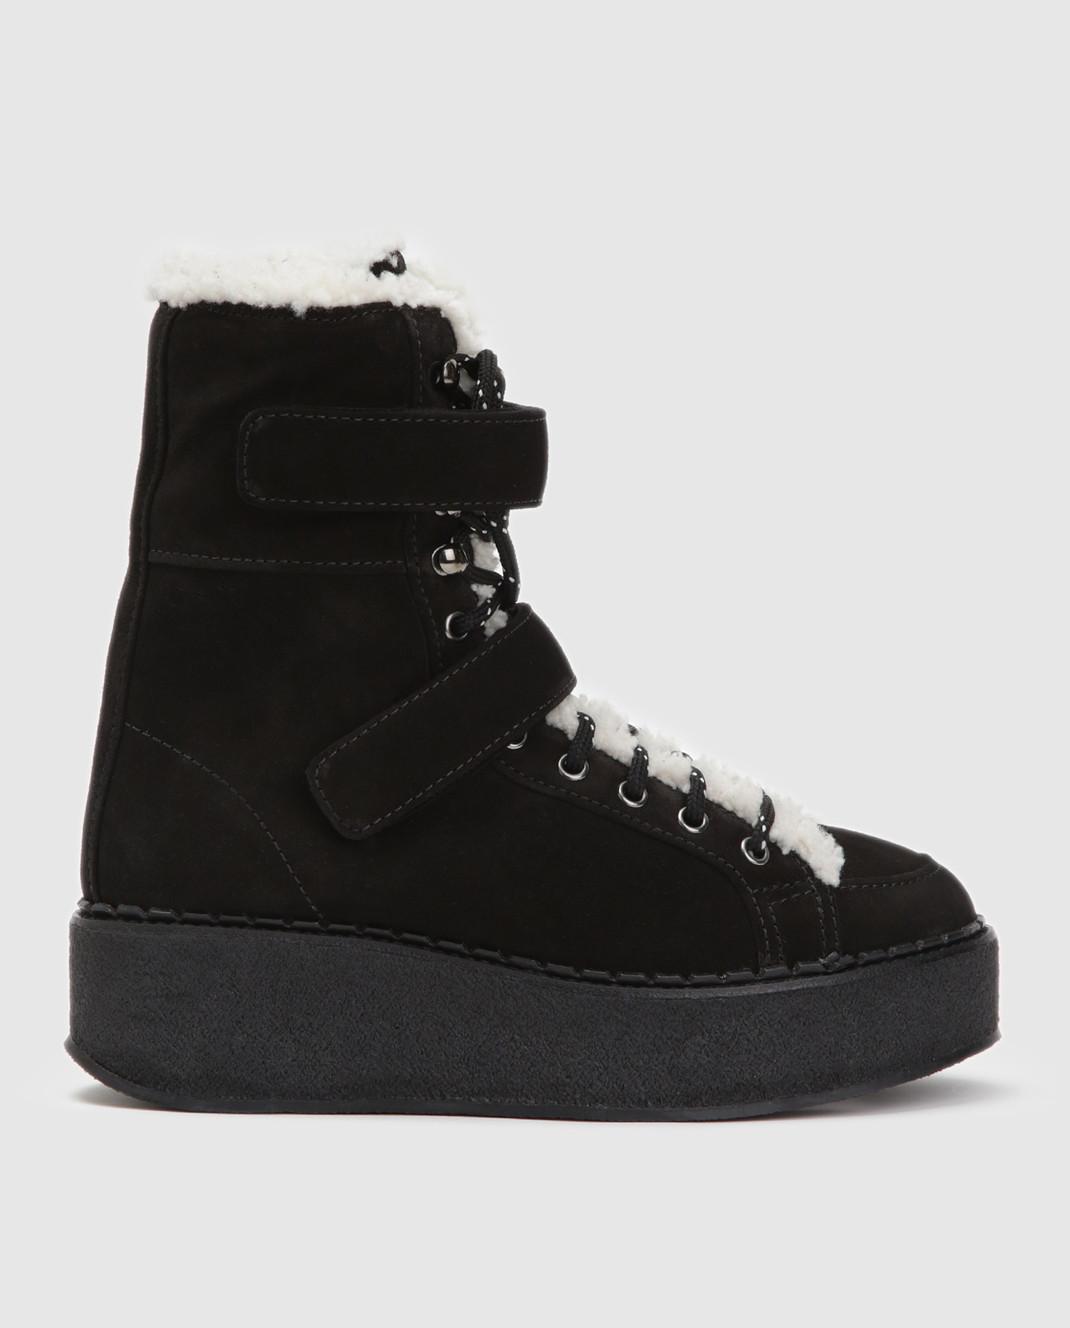 Moncler Черные замшевые ботинки 20482